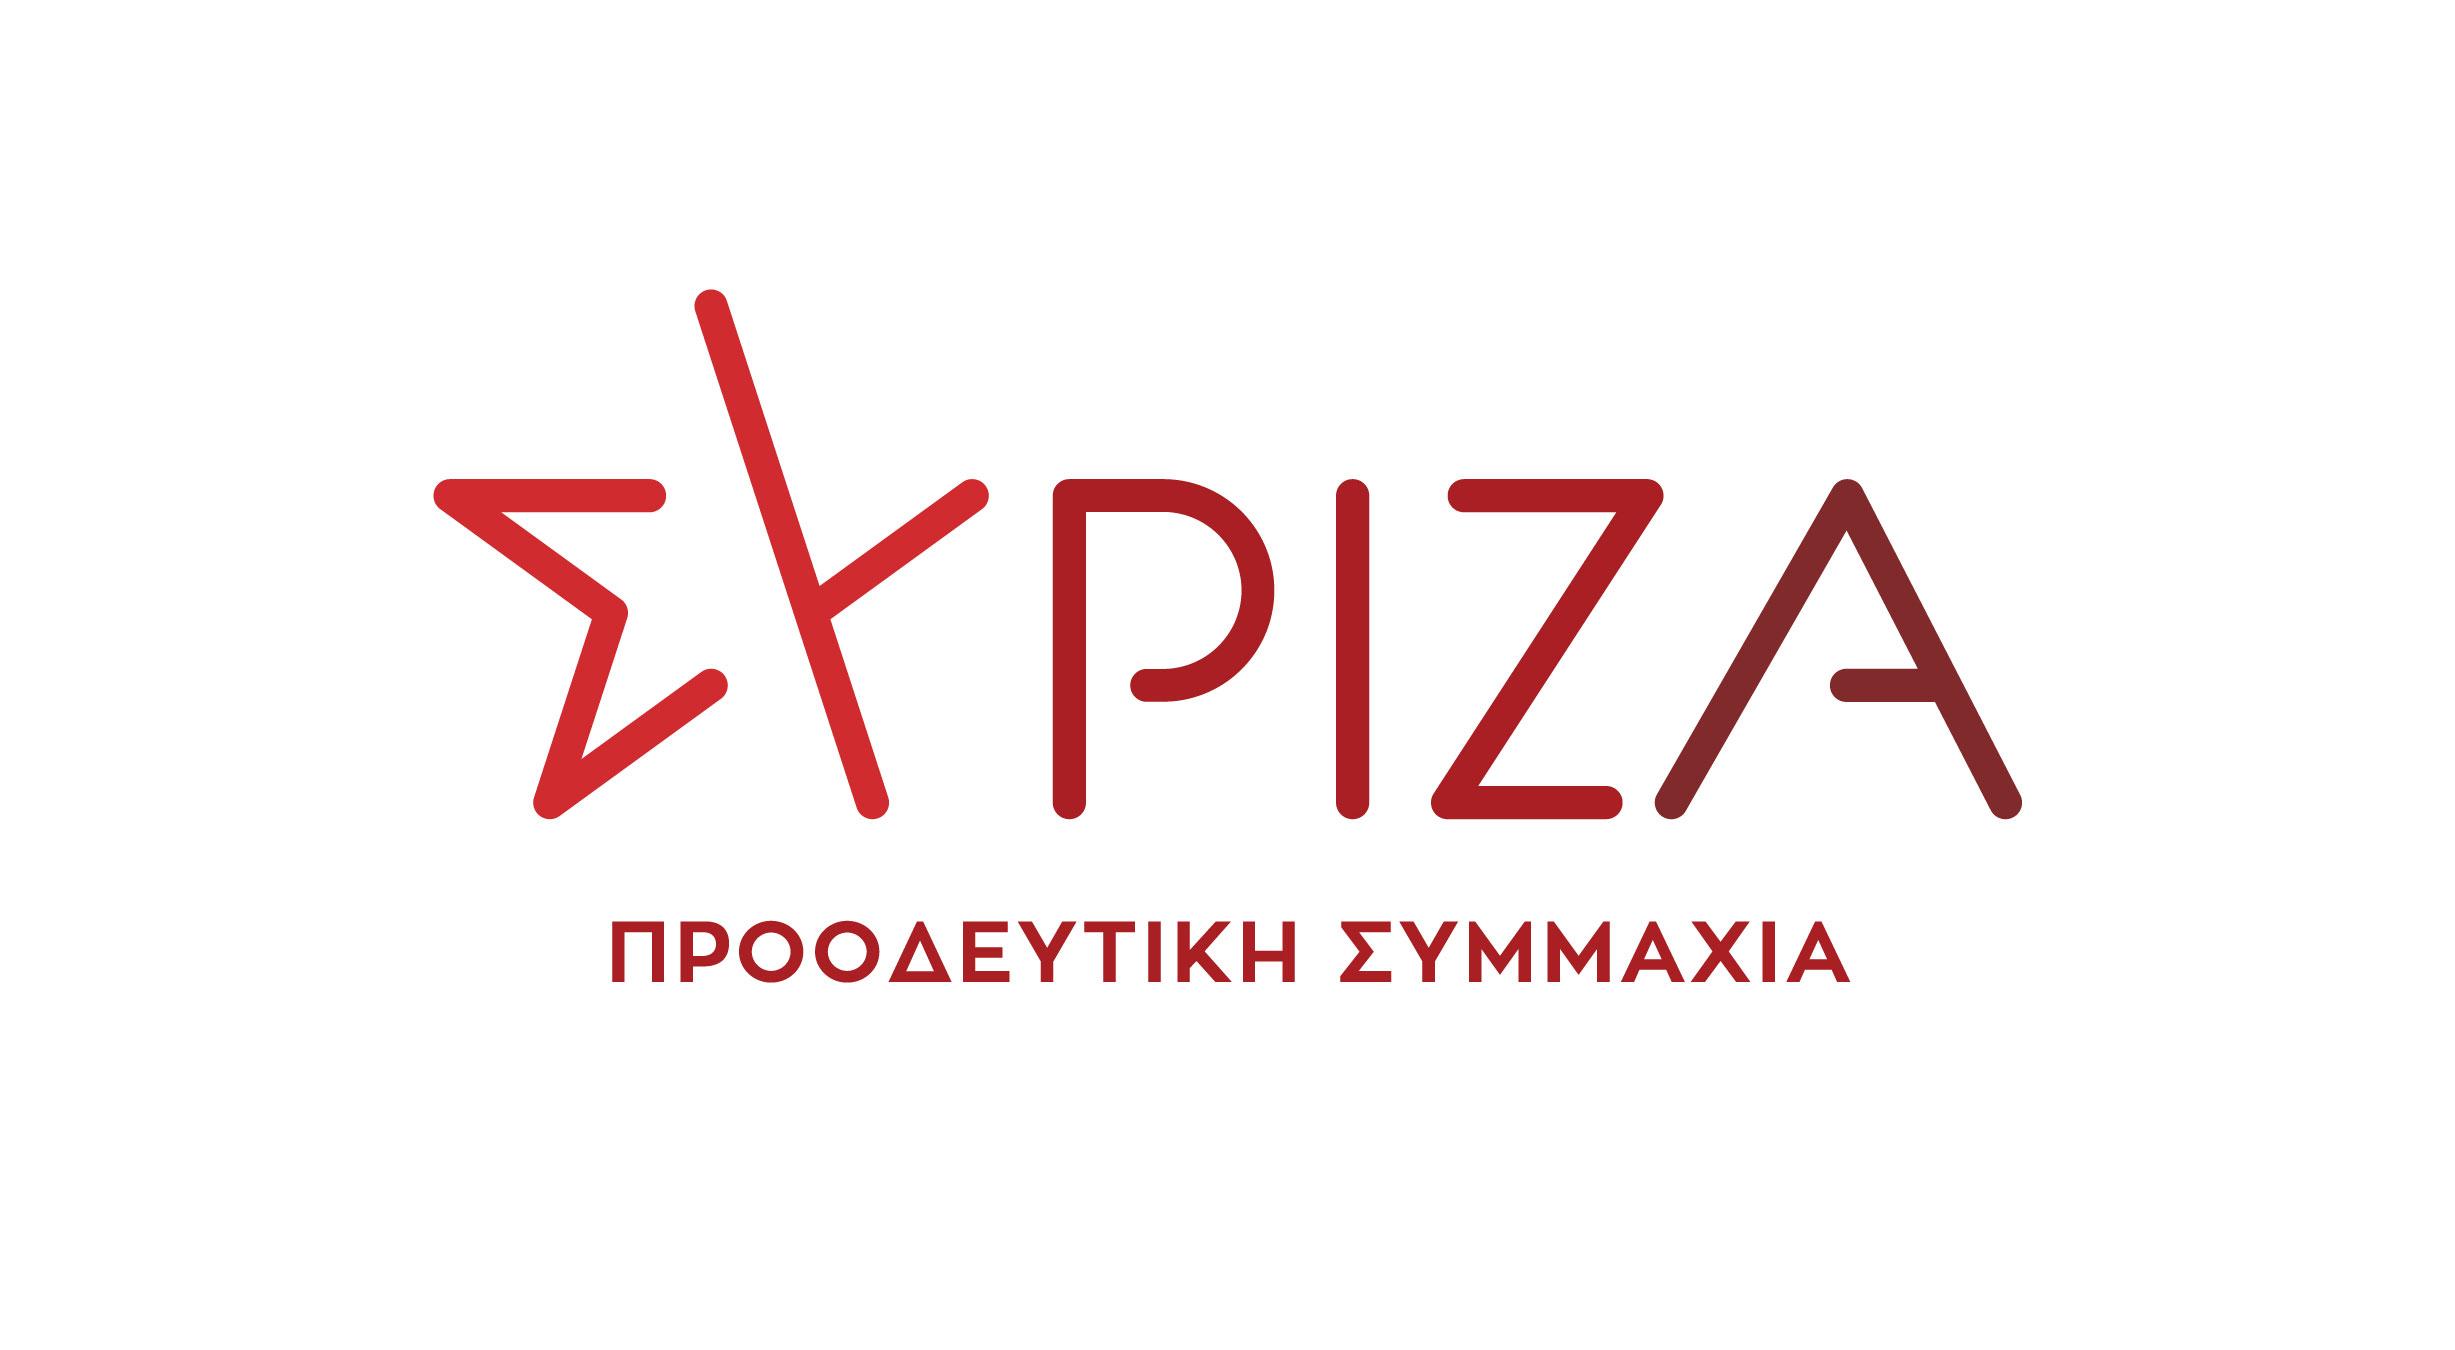 ΣΥΡΙΖΑ: Λίγες ώρες πριν την απόφαση για την Χρυσή Αυγή η κυβέρνηση επιλέγει να μας επιτεθεί